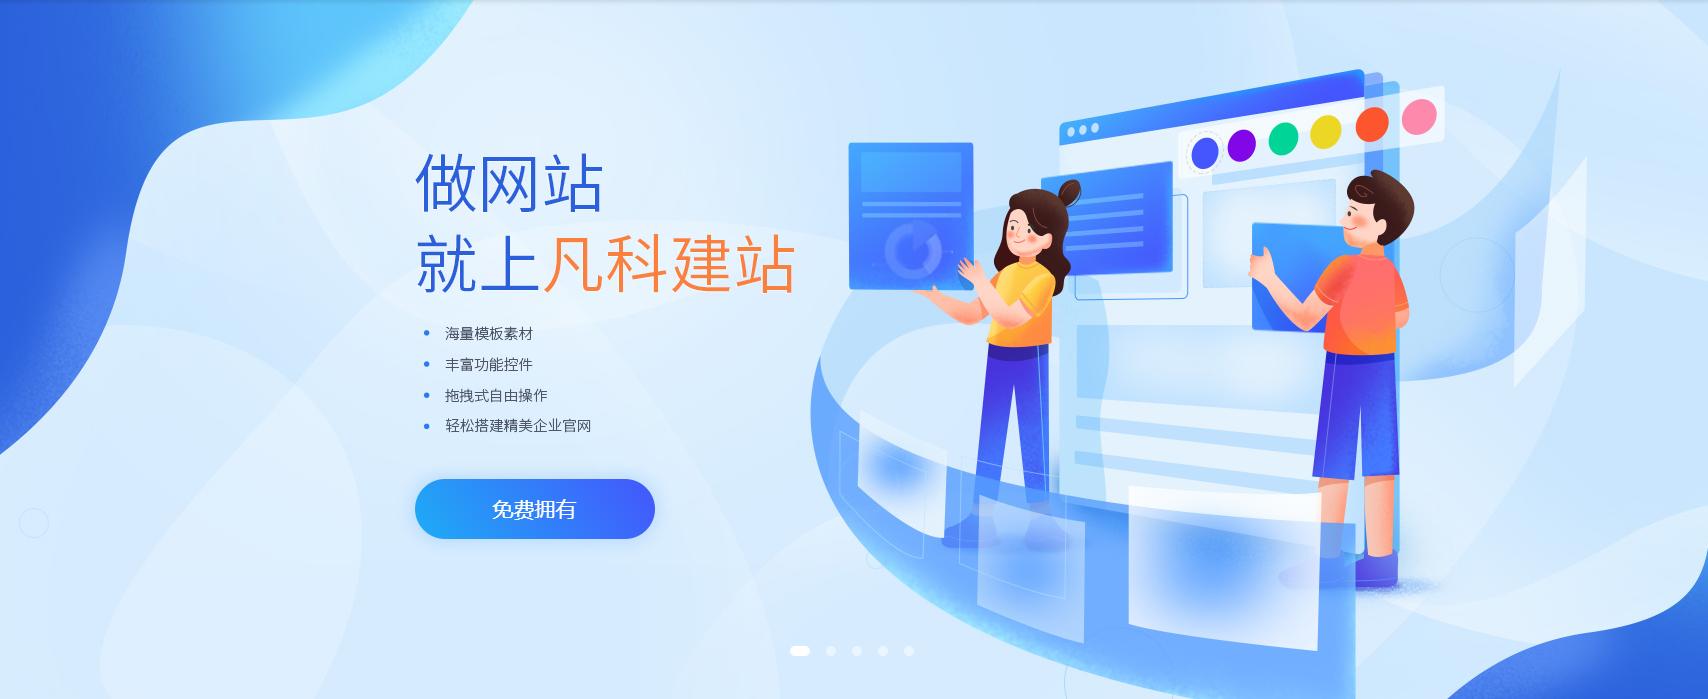 扁平化网站建设